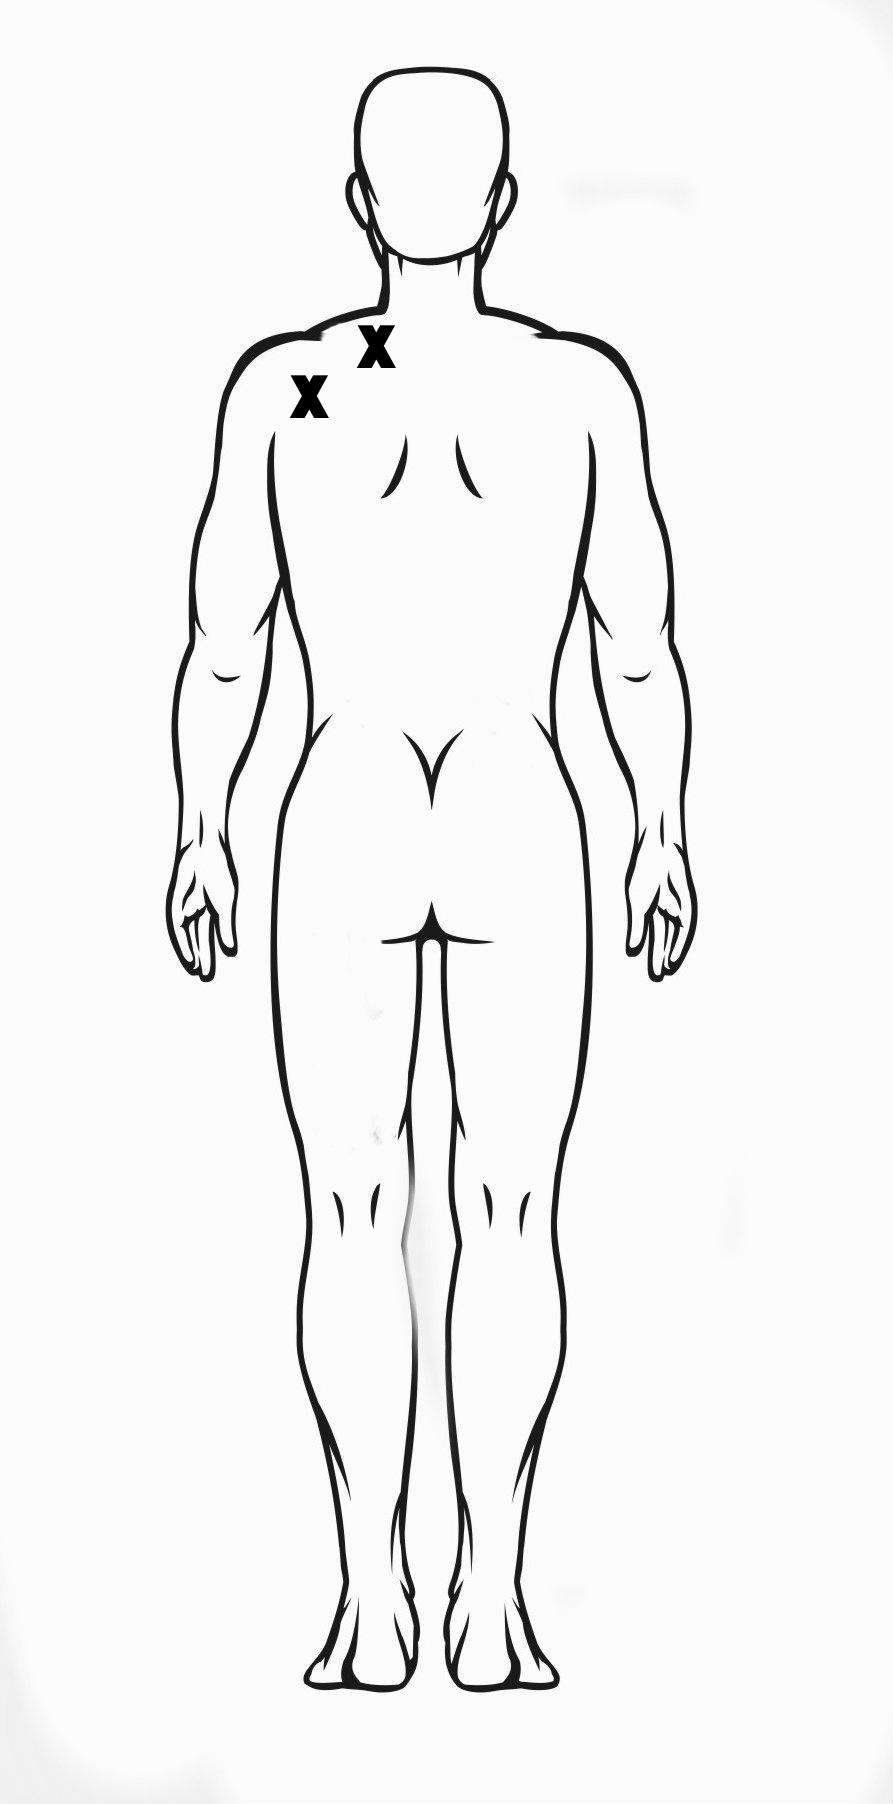 TENS unit placement for shoulder pain.